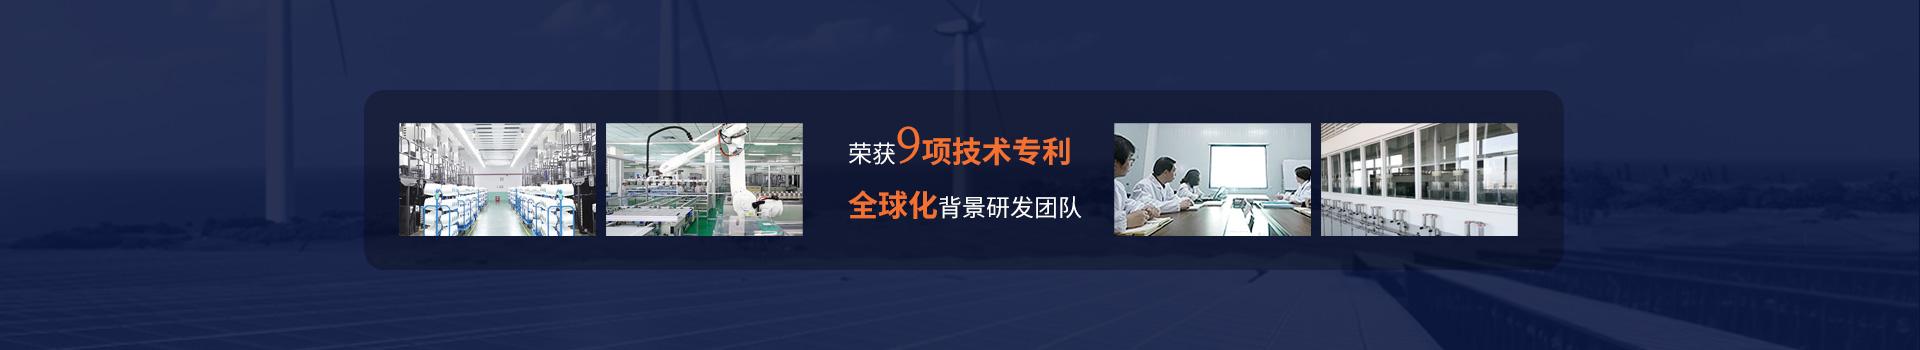 中天利荣获9项技术专利